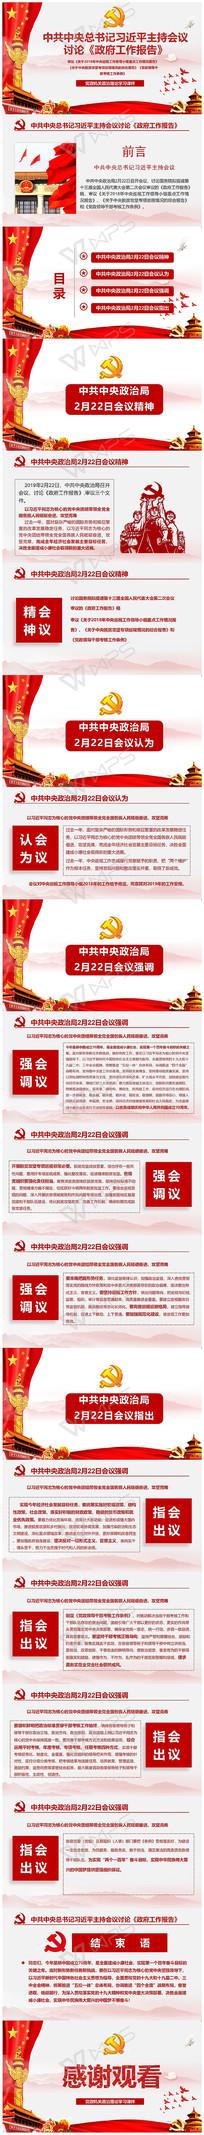 中共中央政治局会议PPT